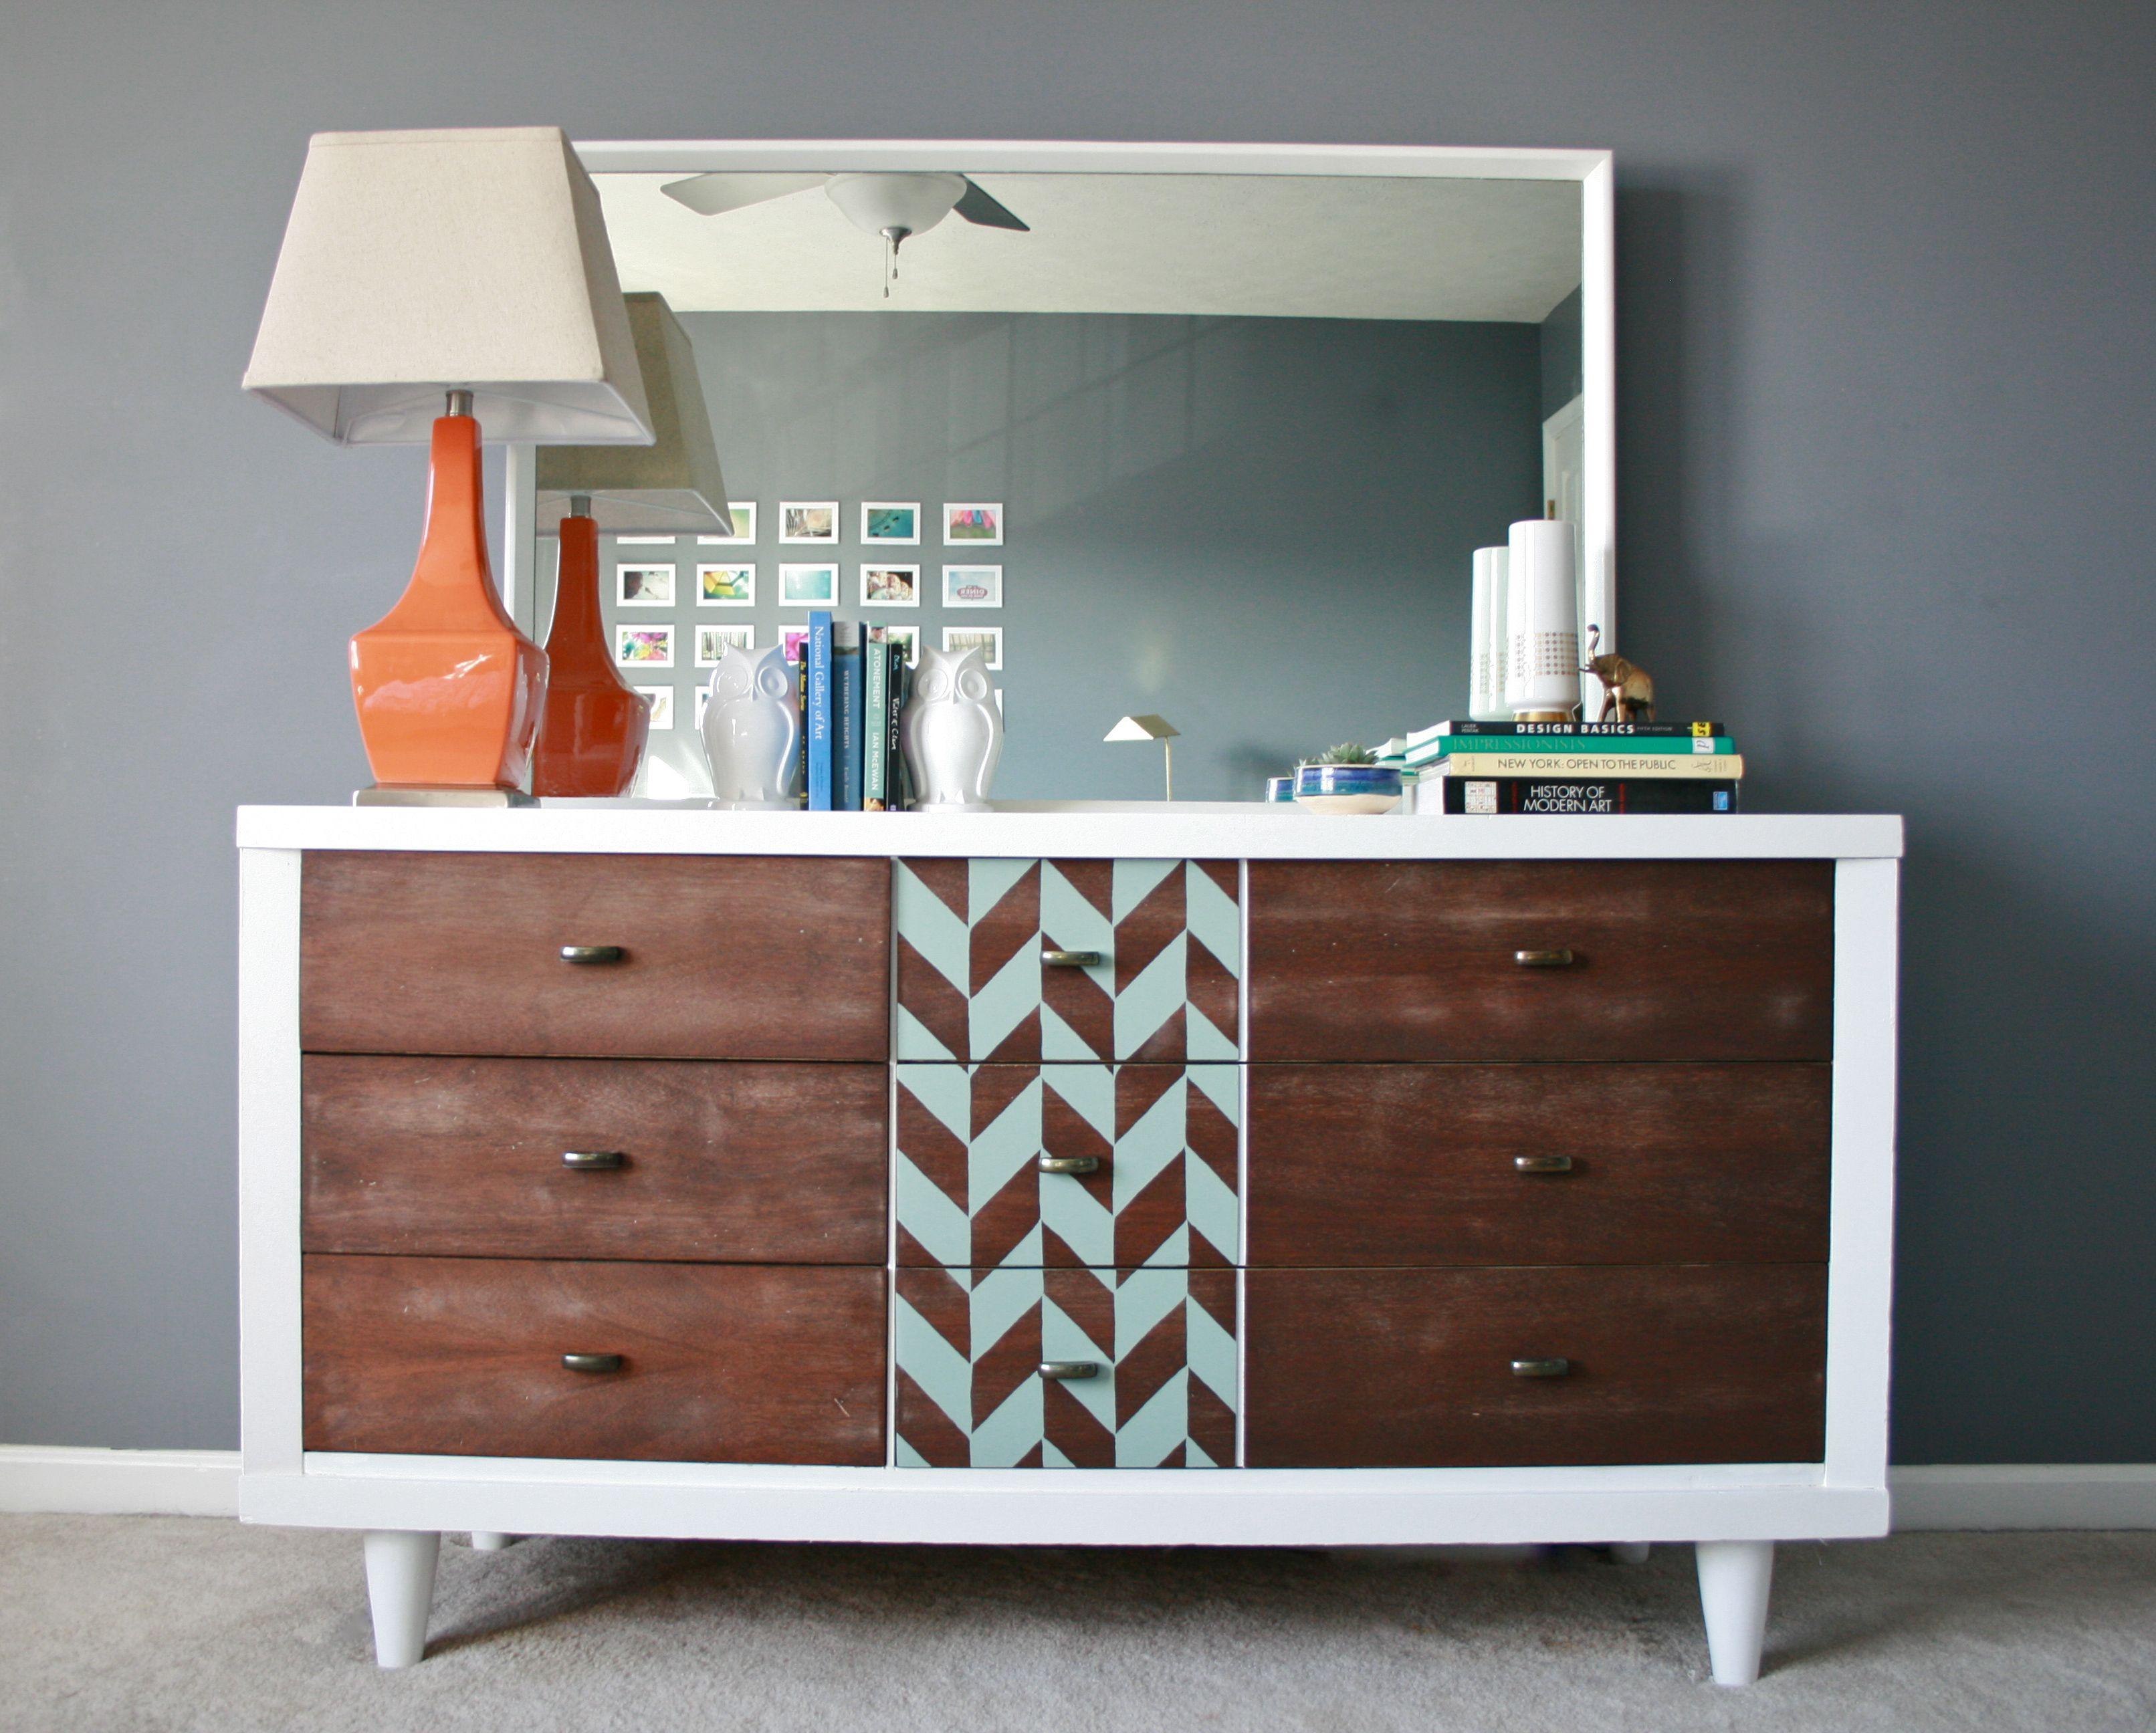 Modern A Makeover Via Royal Design Studio Dream Mid Century Dresser Legs Mid Century Dresser Ikea houzz-03 Mid Century Modern Dresser